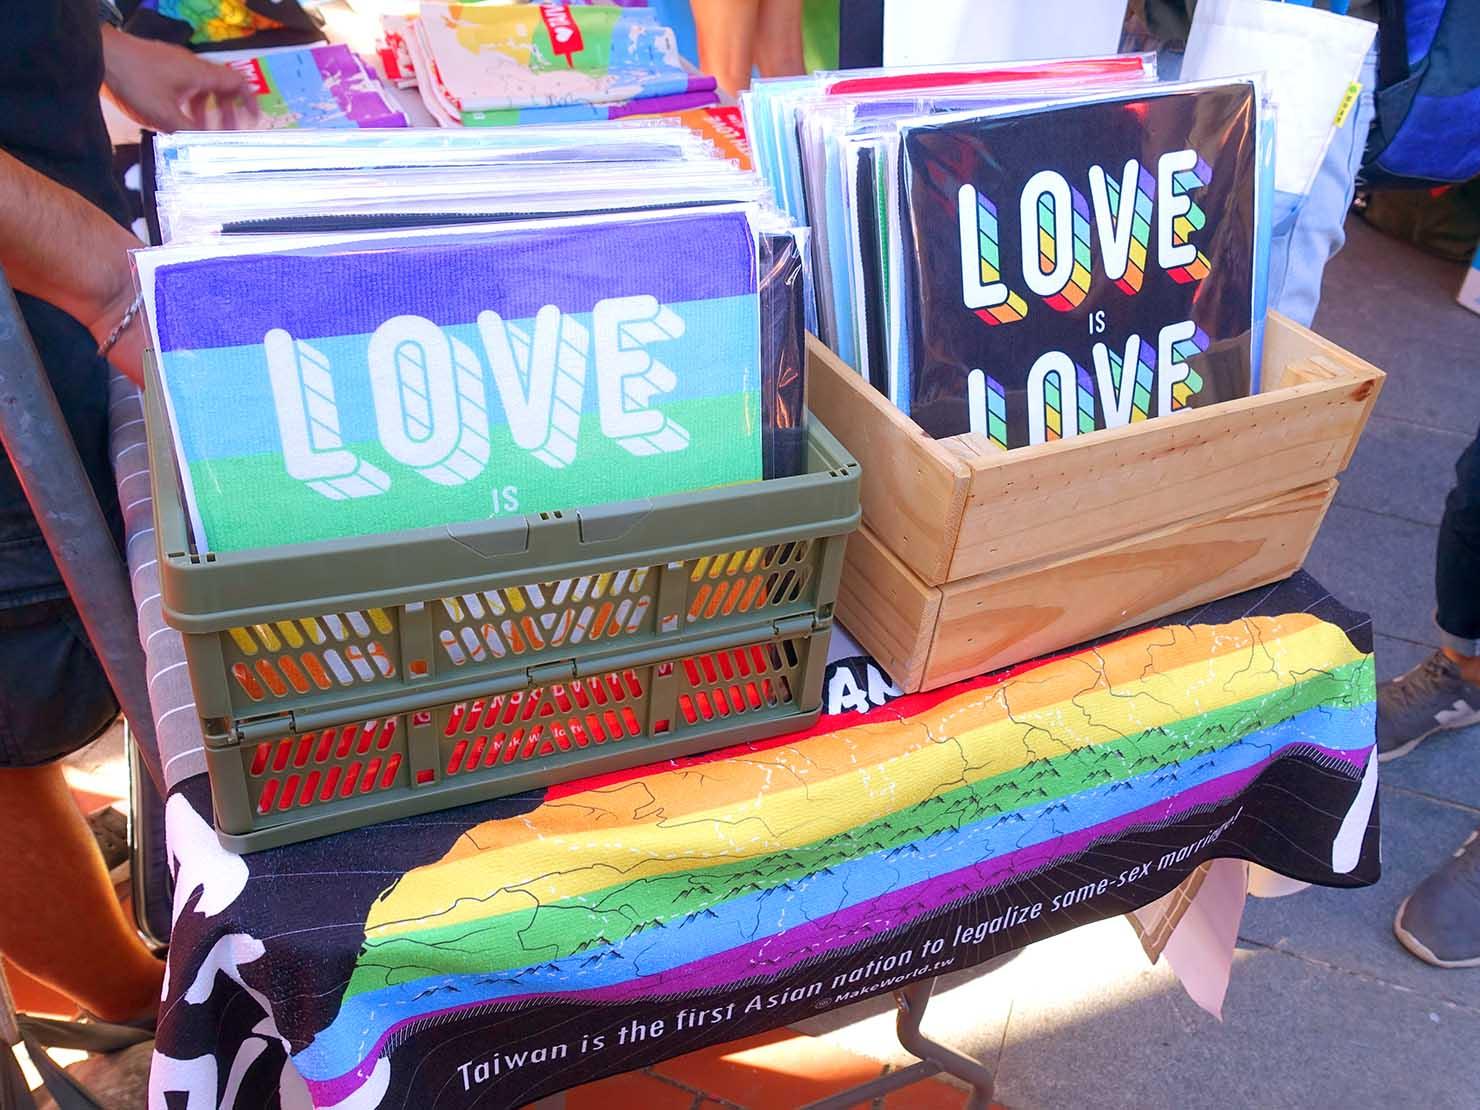 台中同志遊行(台中LGBTプライド)2019の会場ブースで販売されていたミニタオル